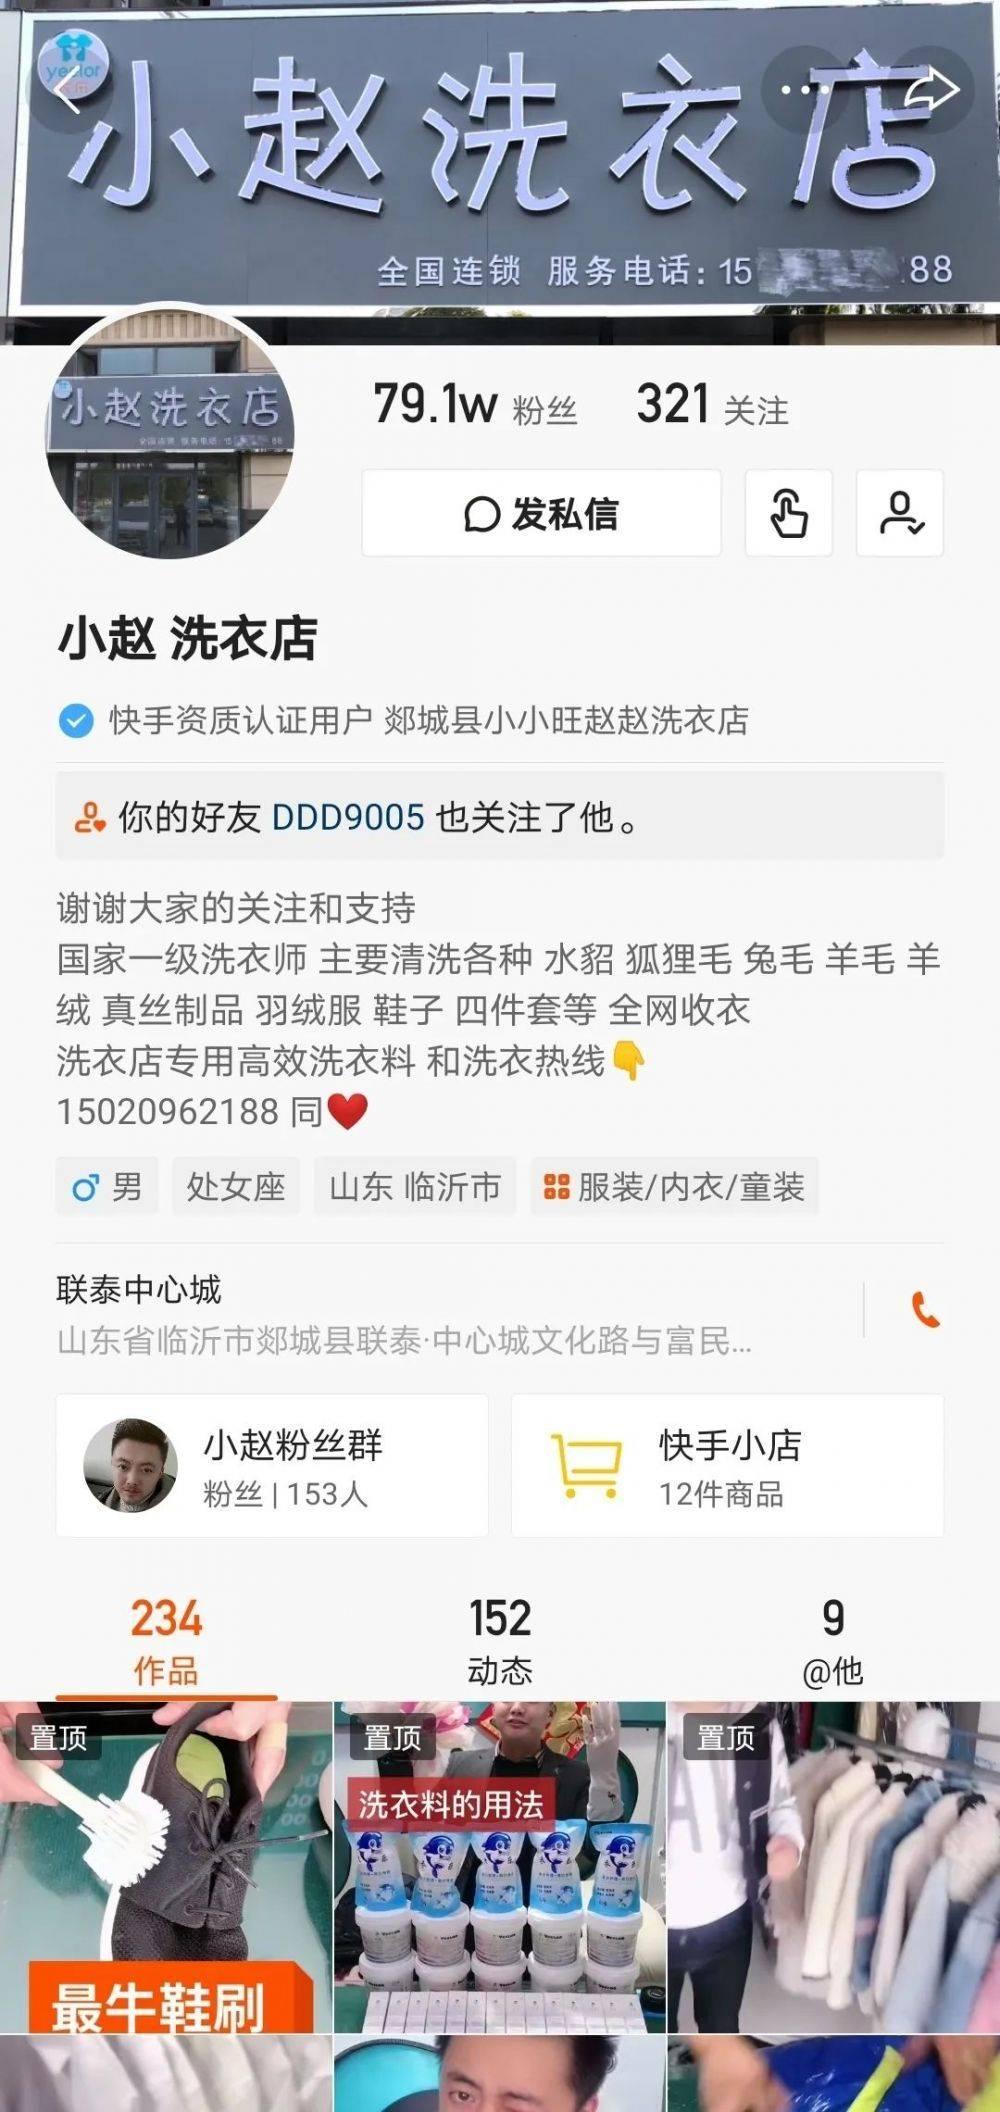 临沂,快手上的一座商家生意城-第4张图片-周小辉<a href='https://www.zhouxiaohui.cn/duanshipin/'>短视频</a>培训博客